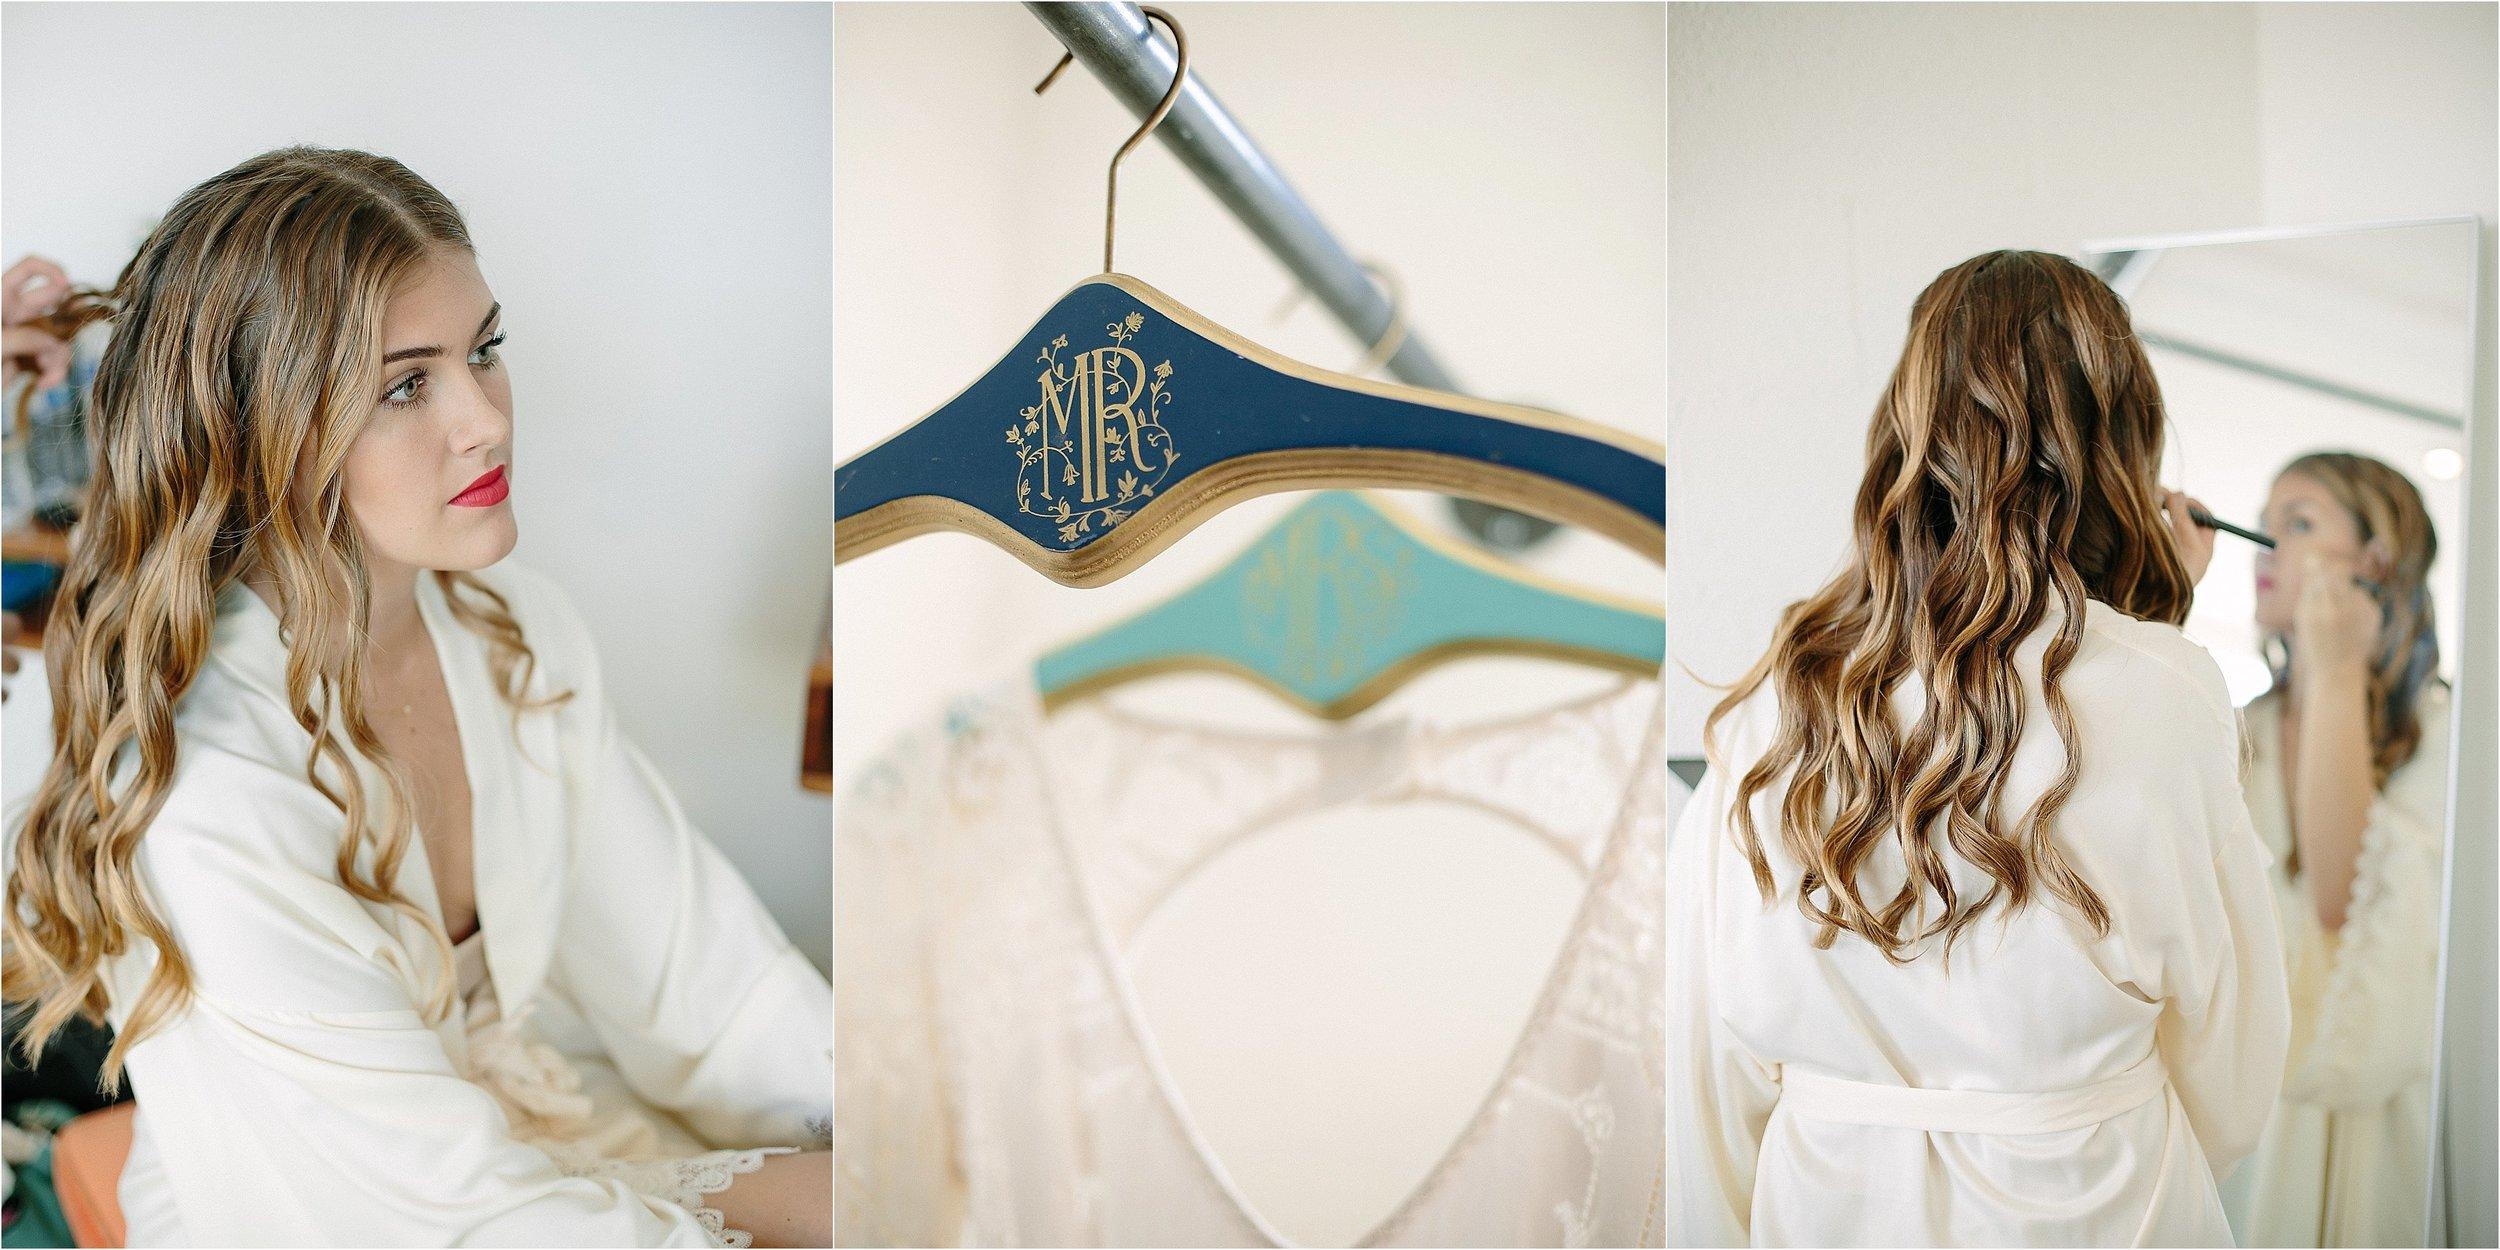 Elysian LA Bridal Suite Detail Photo